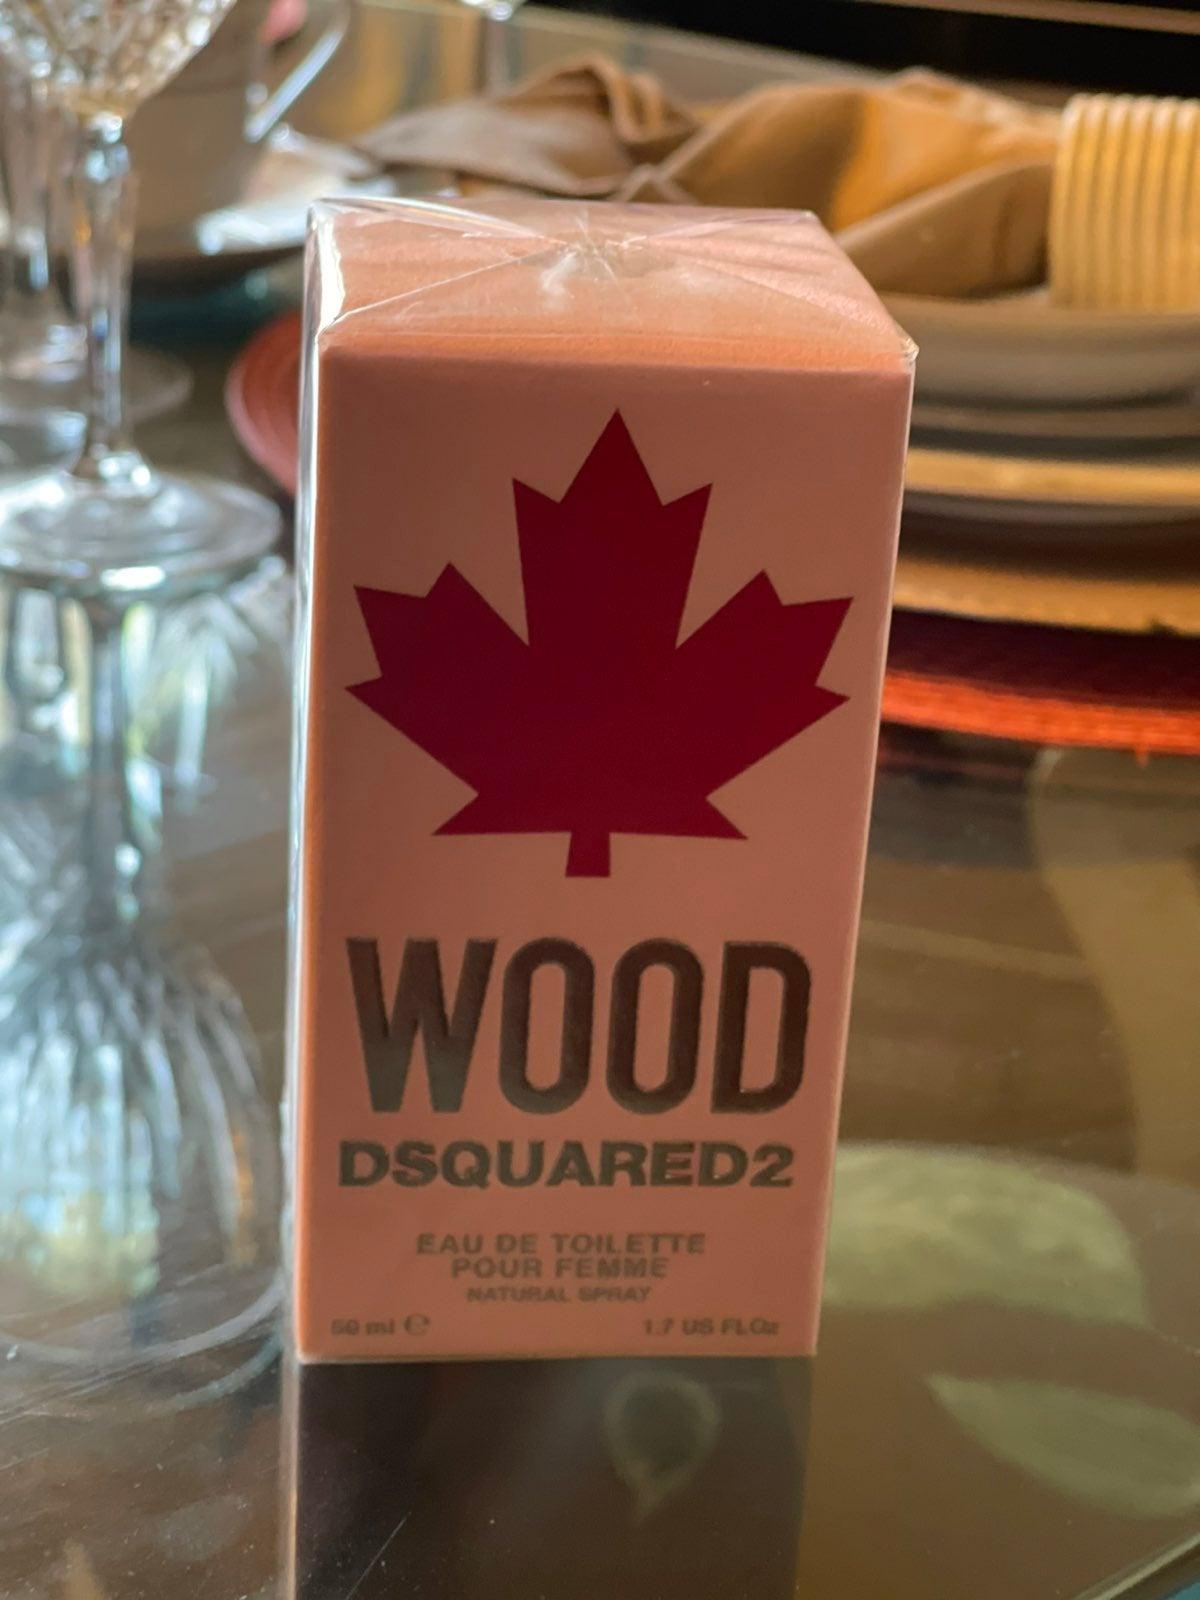 Wood dsquared2 perfume